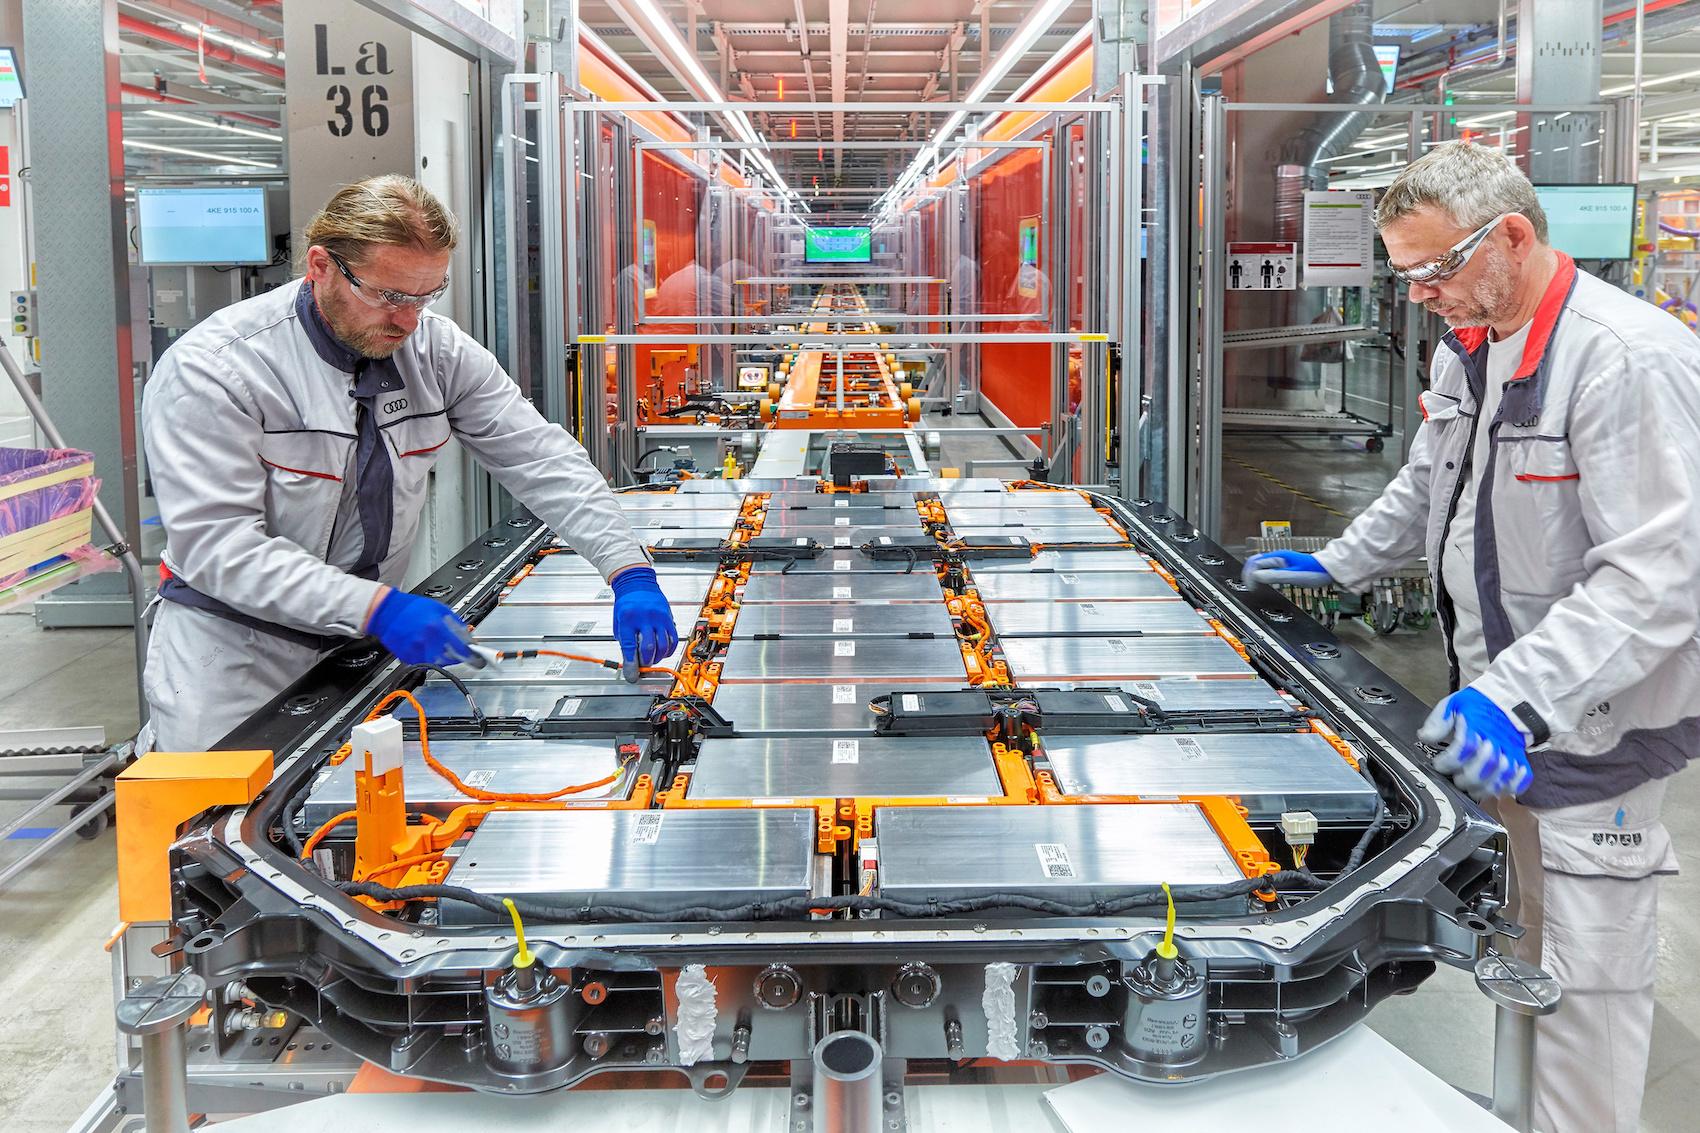 Dei lavoratori installano dei cavi ad alta tensione presso lo stabilimento e-tron di Bruxelles. (AUDI)